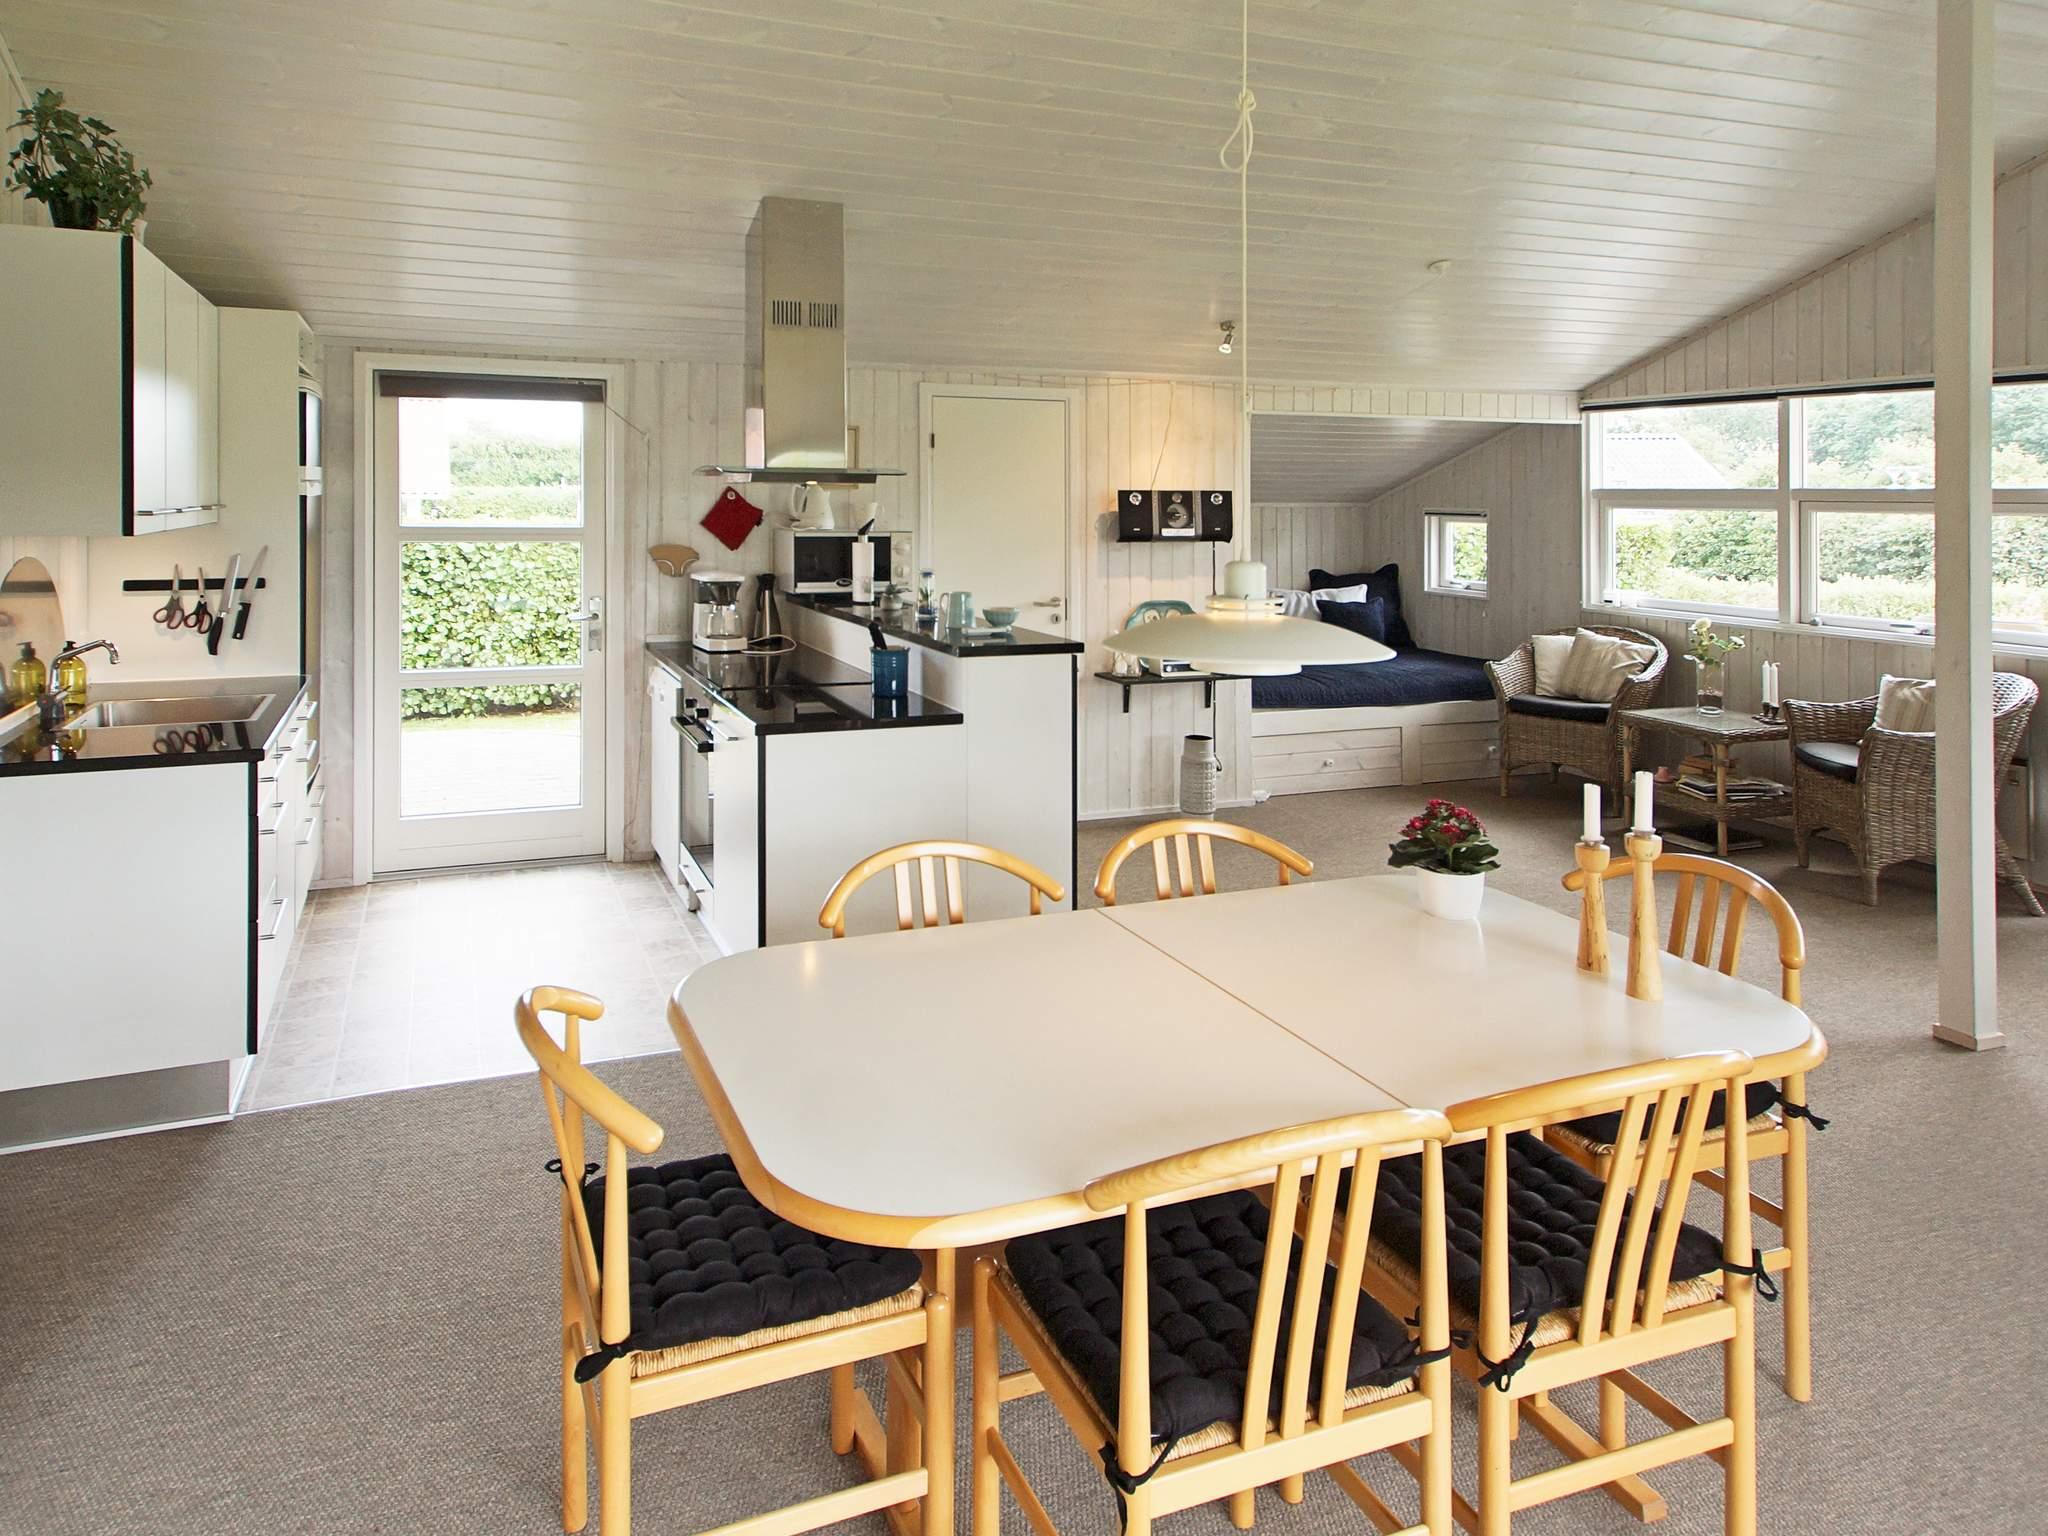 Ferienhaus Bork Havn (241763), Bork Havn, , Westjütland, Dänemark, Bild 3